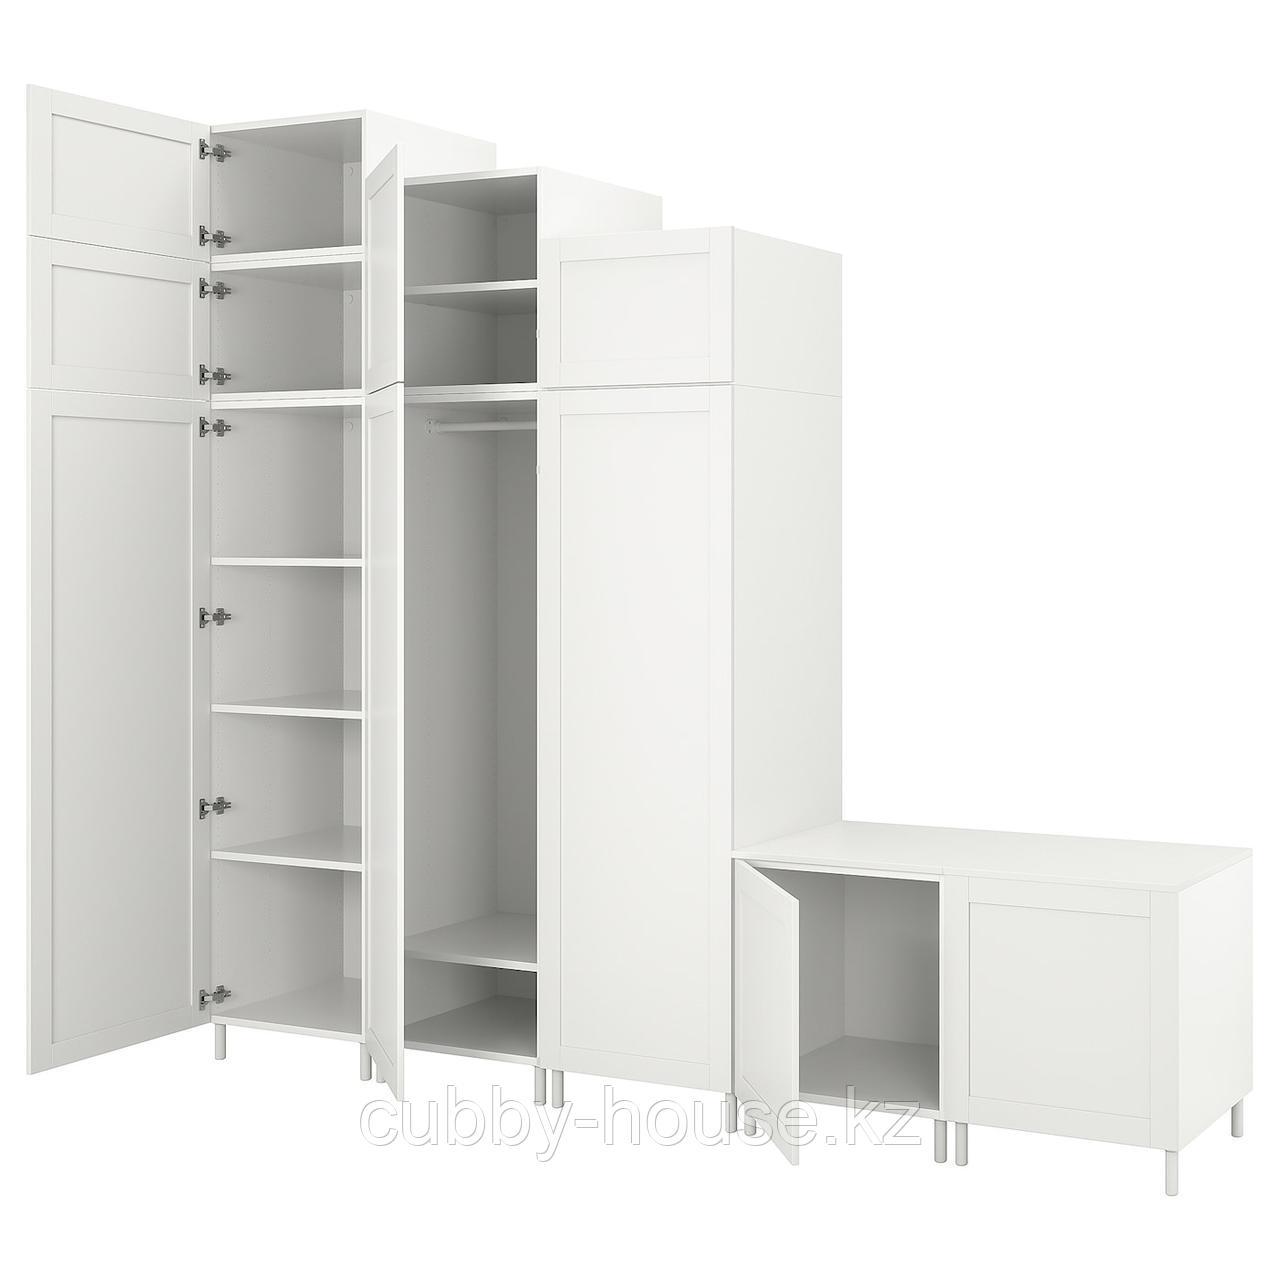 ОПХУС Гардероб с 9 дверями, белый Саннидаль, белый, 300x57x271 см